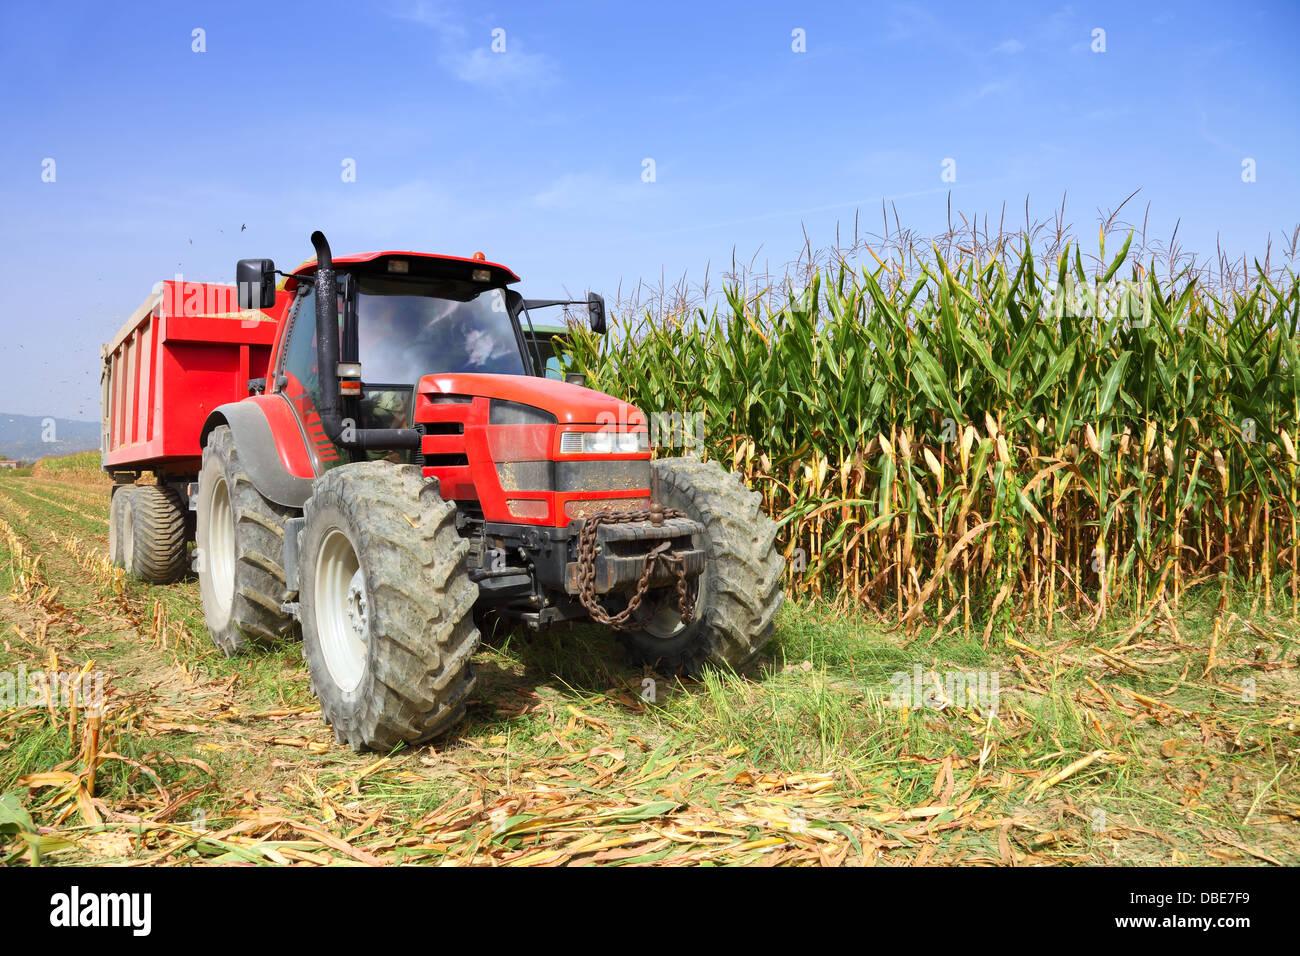 L'agriculture, de l'agriculture tracteur Photo Stock